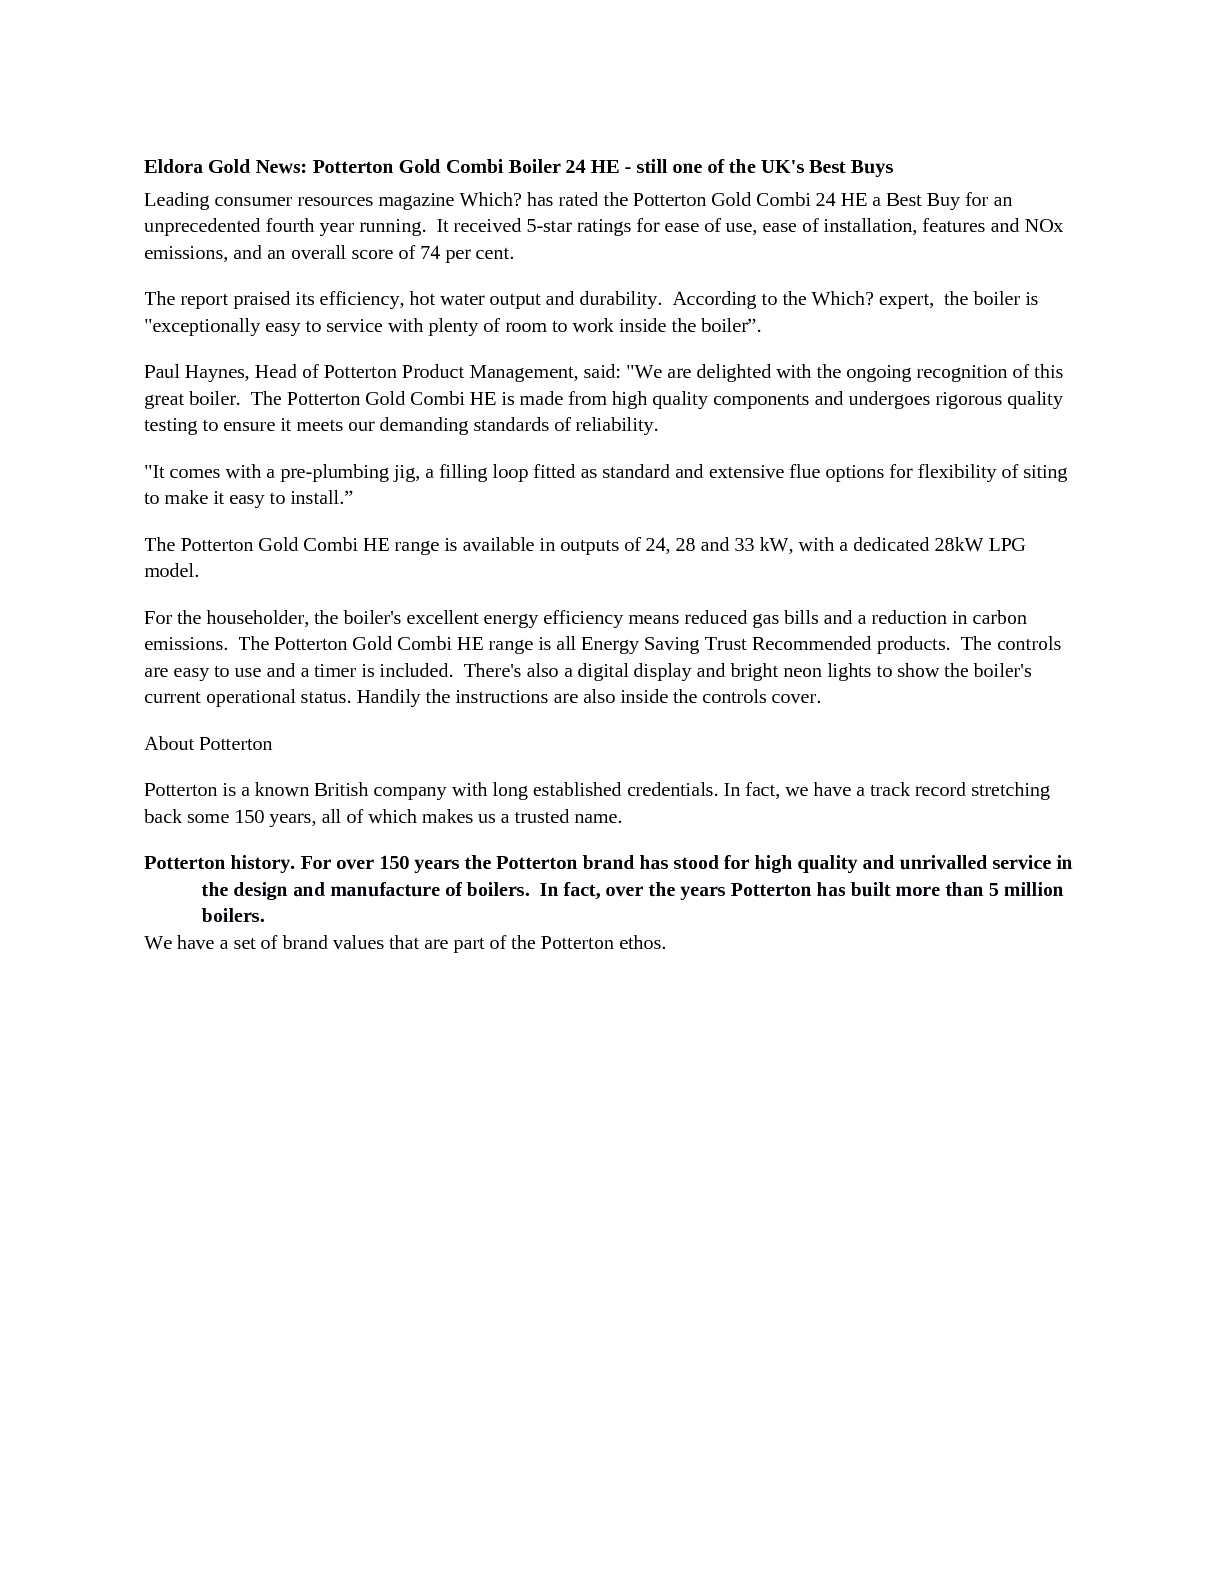 Calaméo - Eldora Gold News: Potterton Gold Combi Boiler 24 HE ...